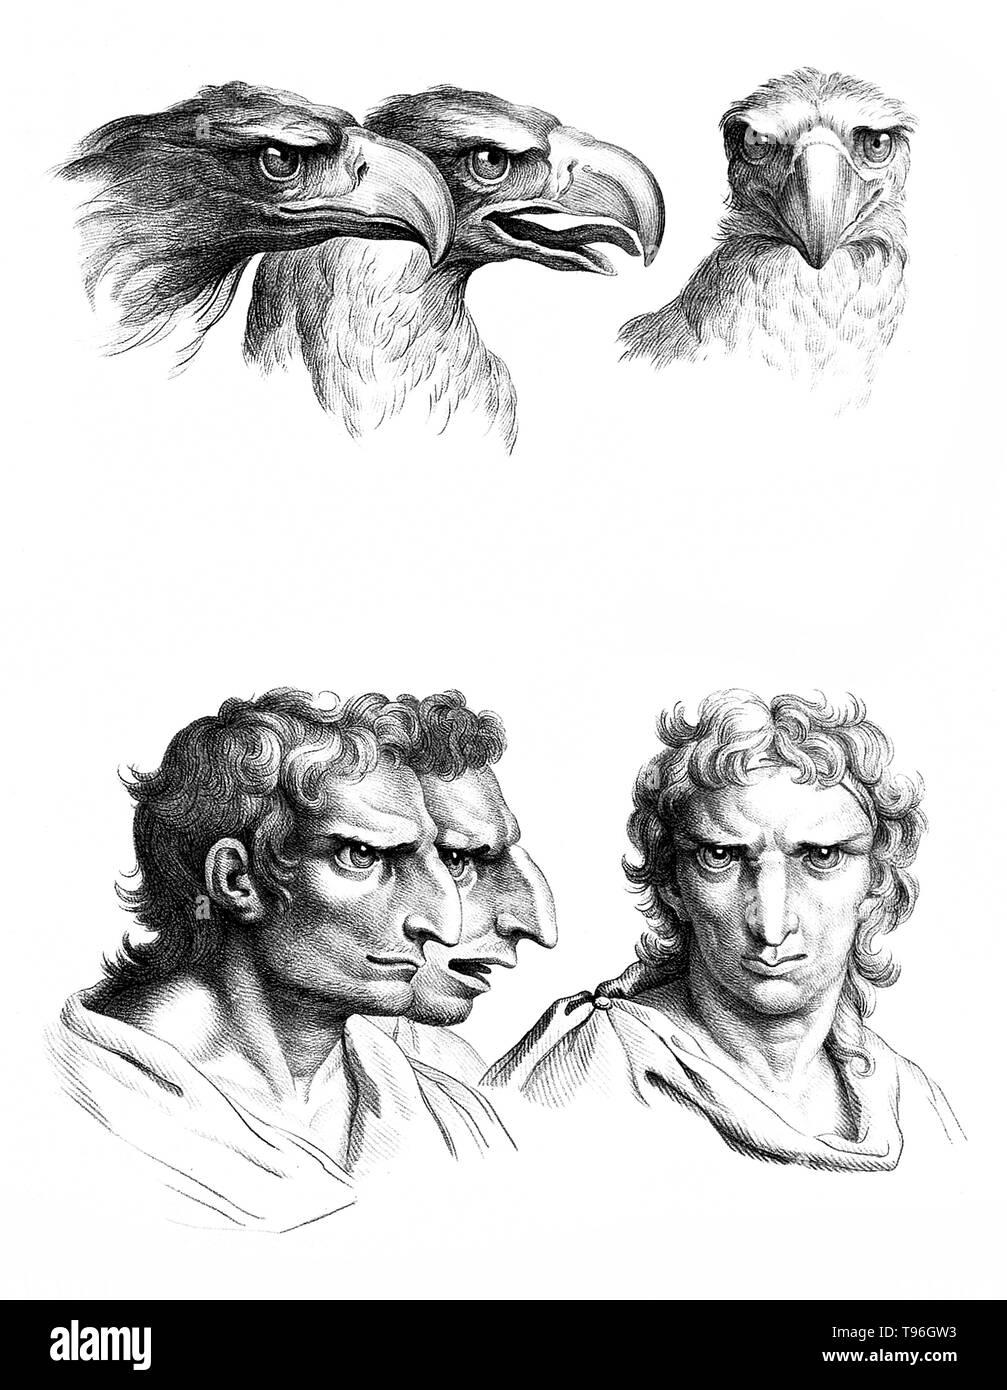 L'objectif de physiognomy est à juger les gens en fonction de caractéristiques du visage. Charles Le Brun (24 février 1619 - 12 février 1690) était un peintre français, théoricien d'art, décorateur et peintre de la cour de Louis XIV. Banque D'Images